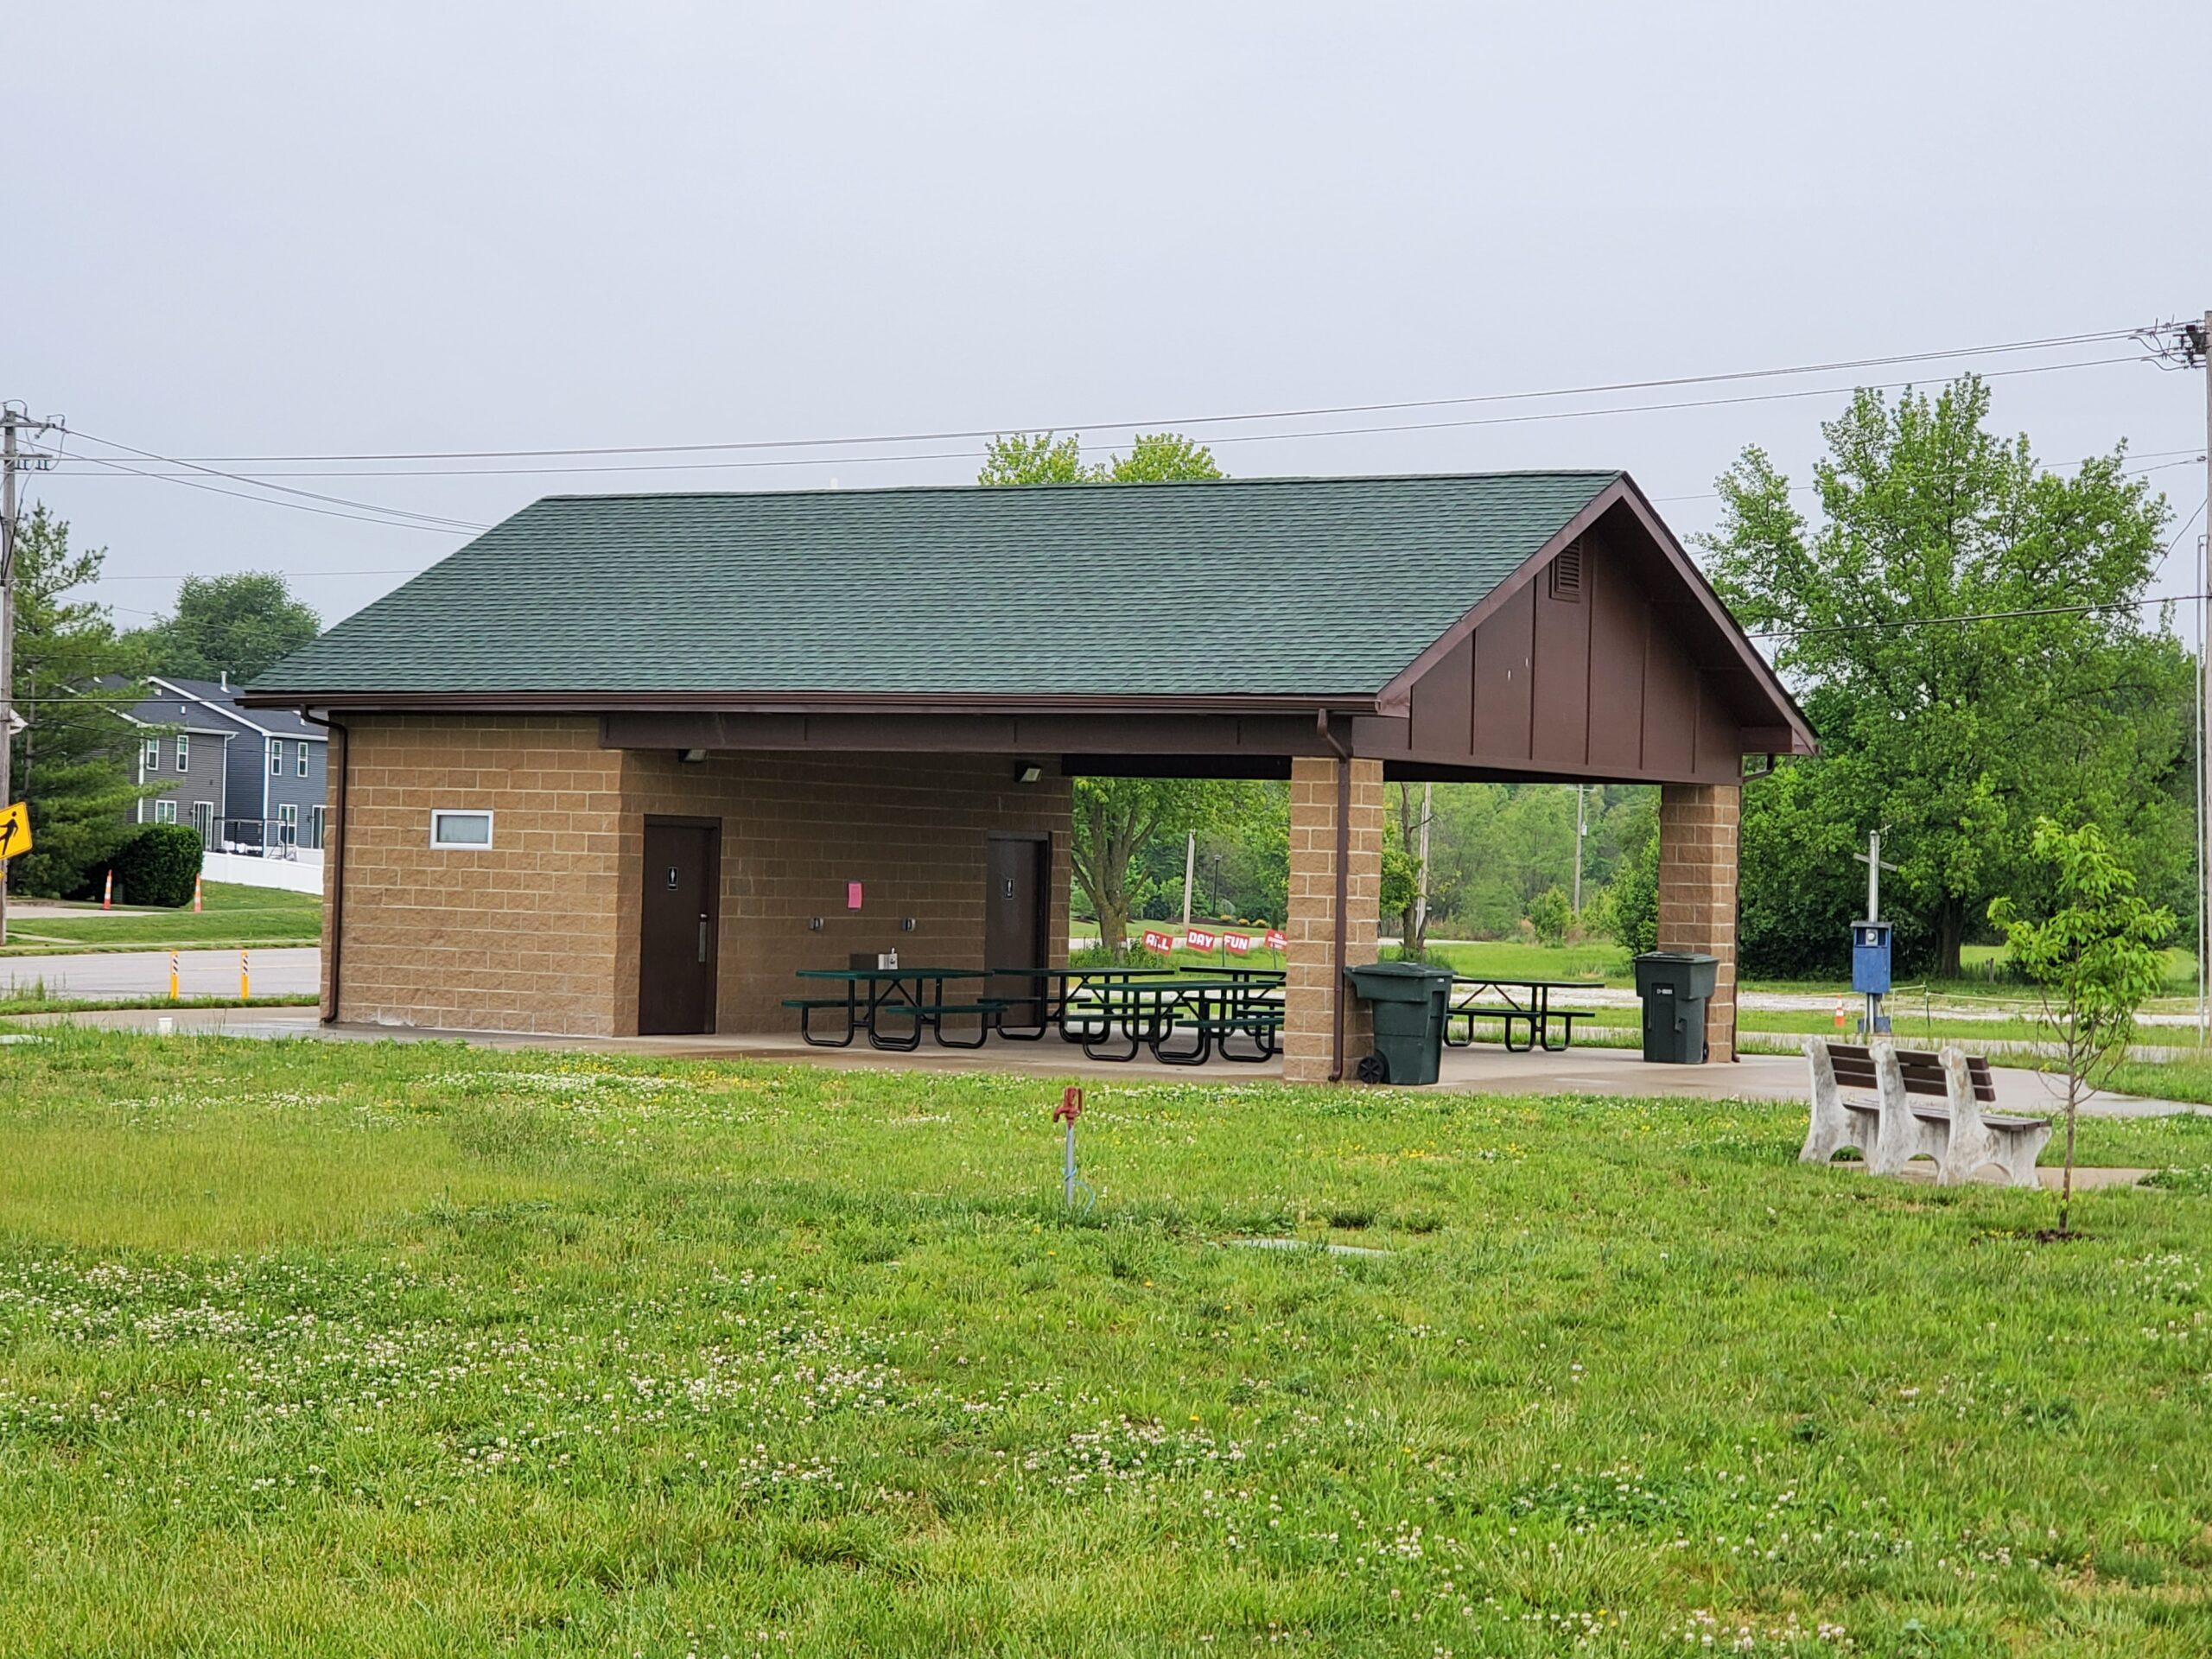 Pavillion 2 City of Cottleville